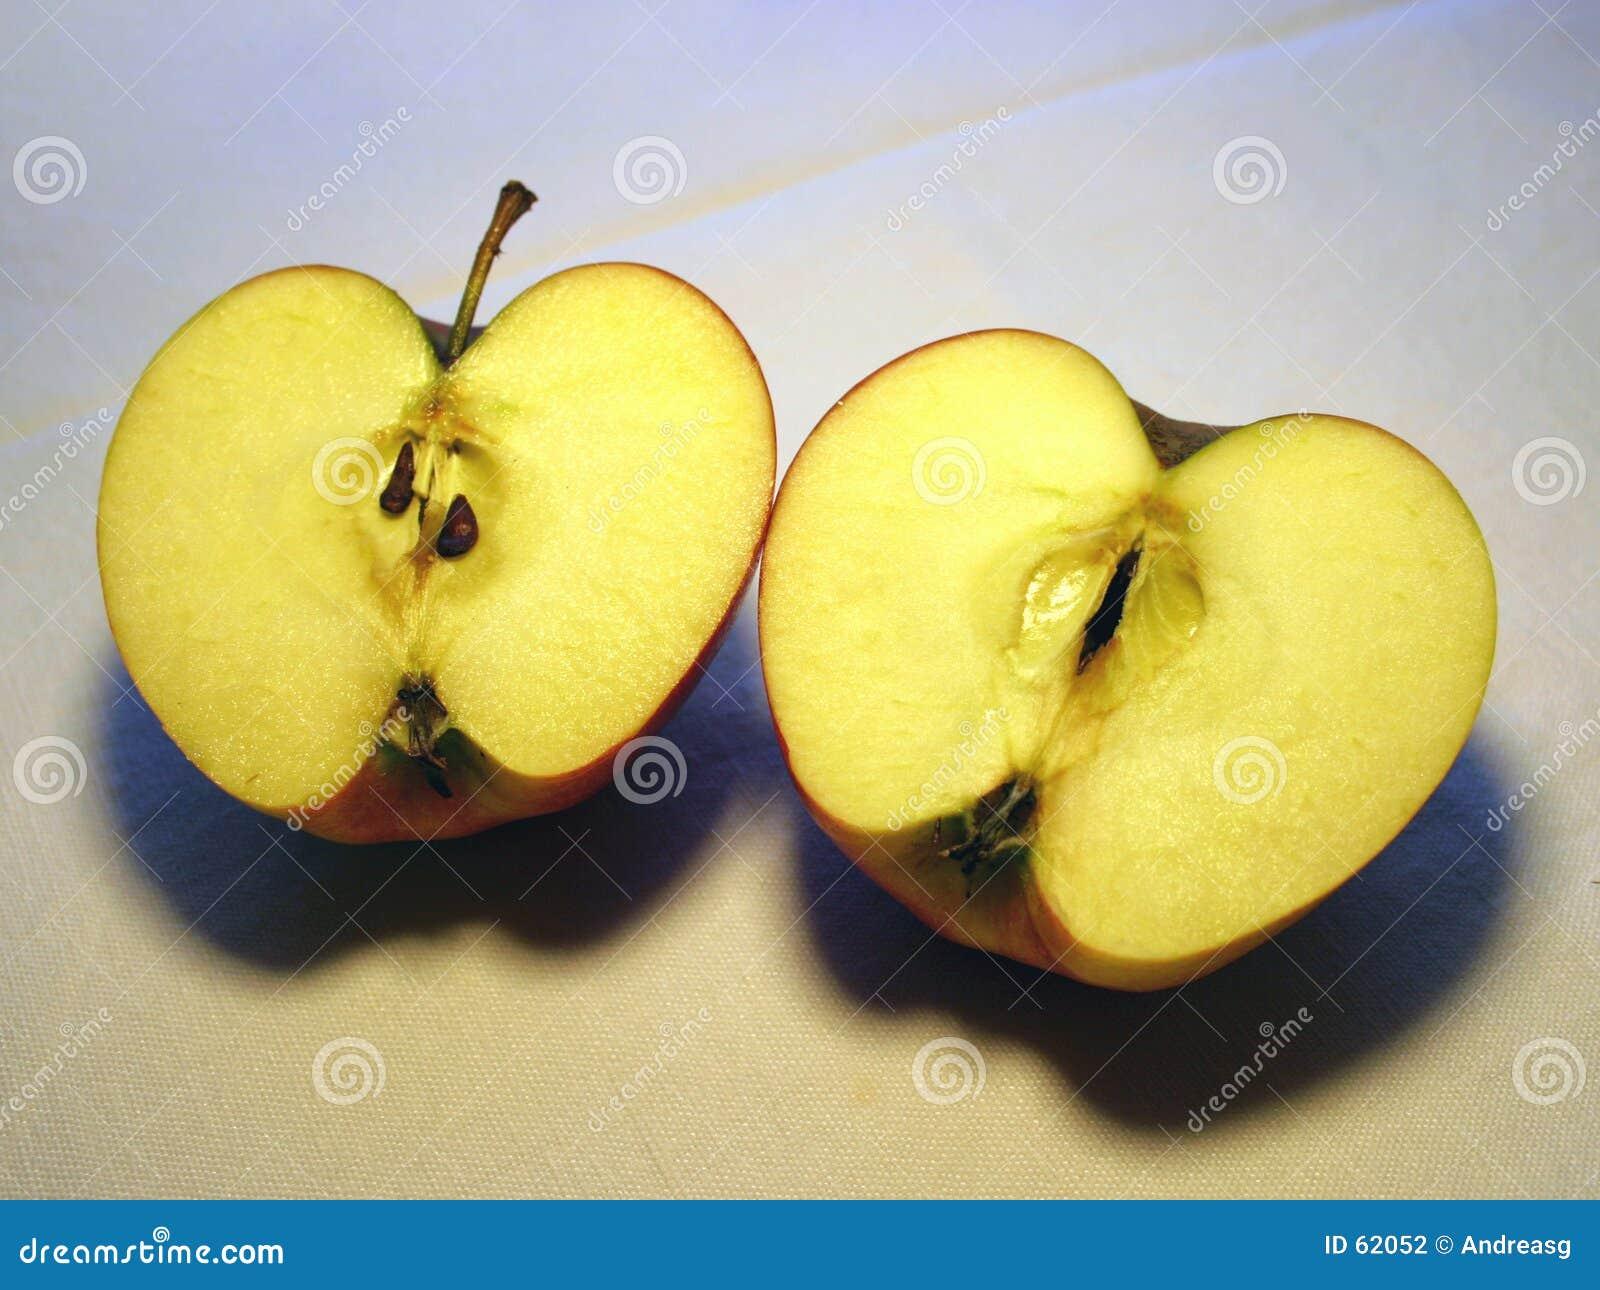 2 halfs da maçã